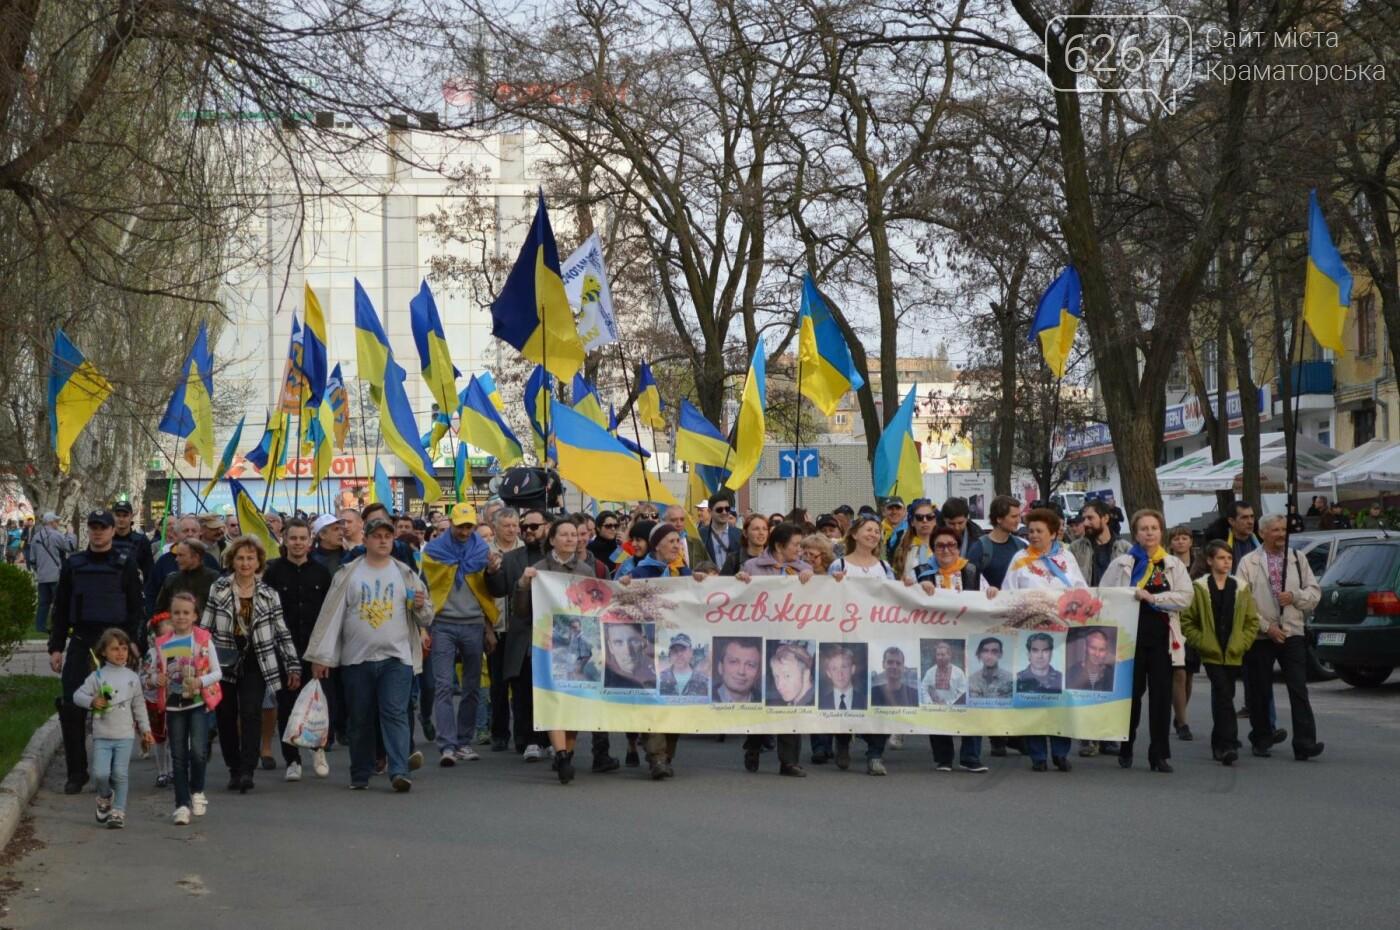 «Хай пам'ятає кремлівська тварина: Краматорськ – це Україна»: центром міста пройшов марш єдності, фото-4